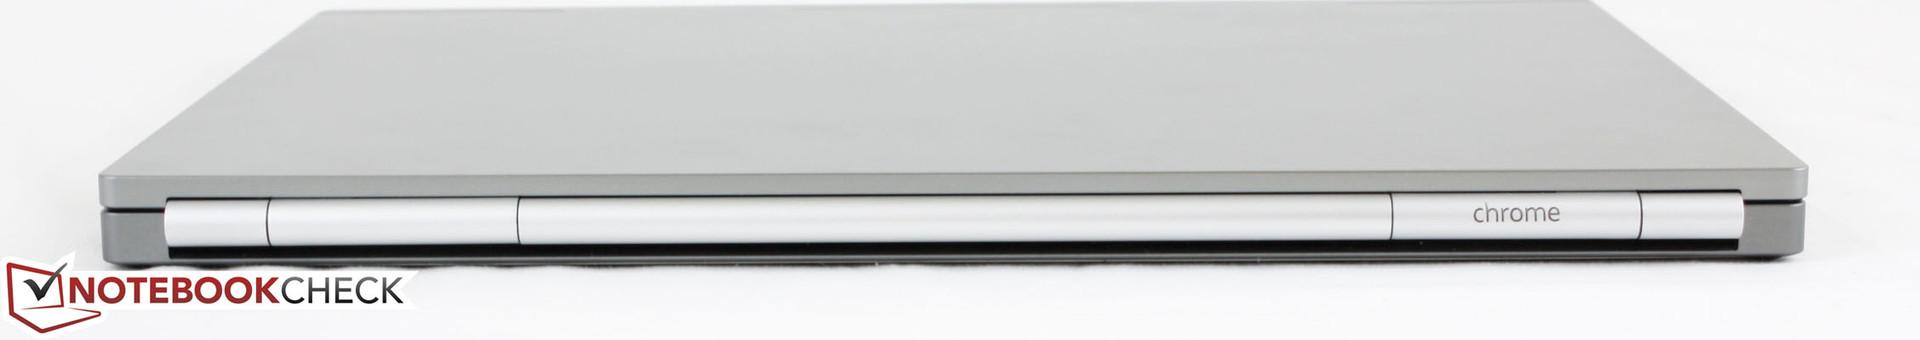 Review Google Chromebook Pixel Notebook - NotebookCheck net